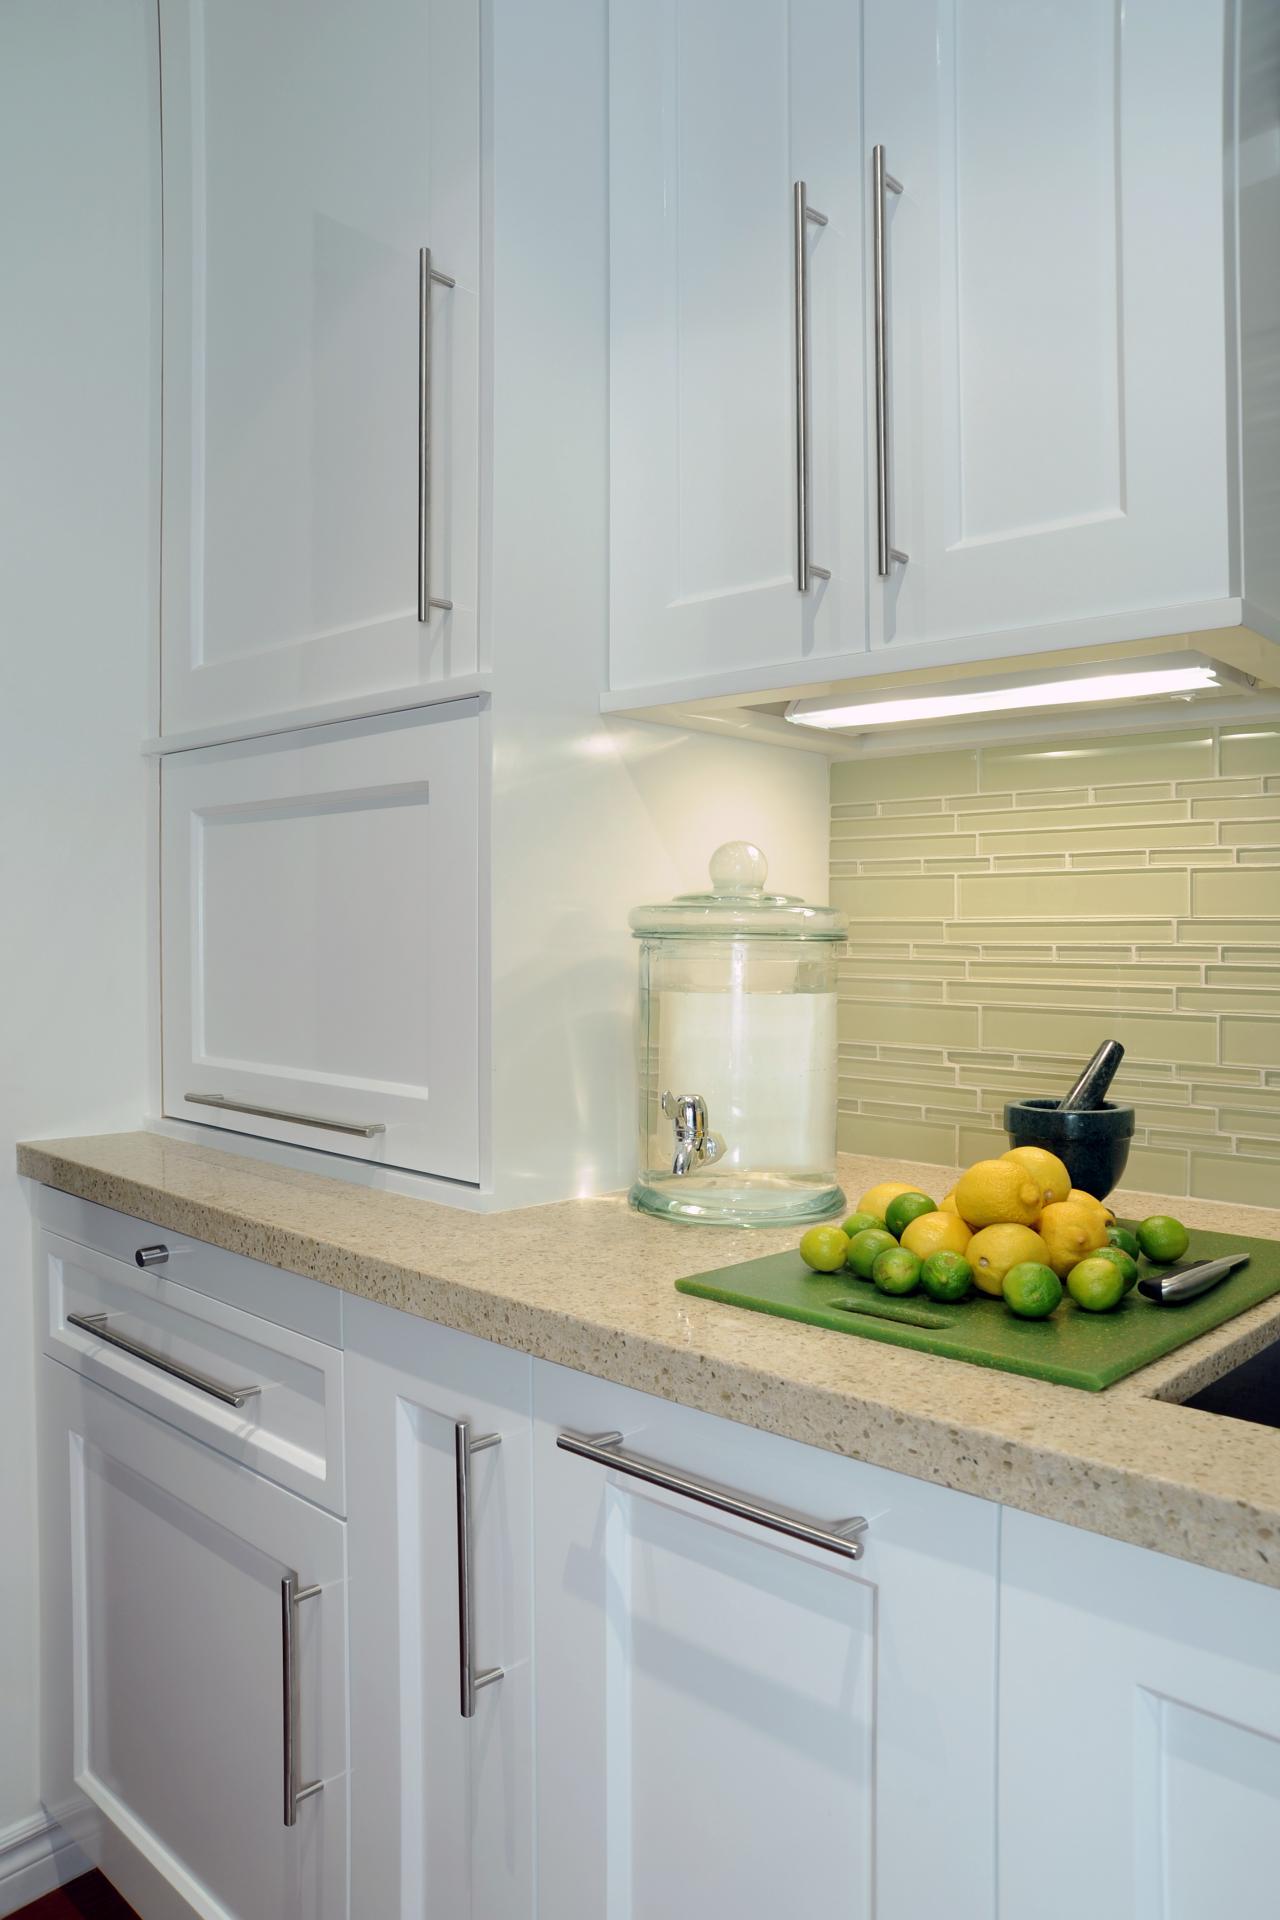 white kitchen cabinets and green glass tile backsplash this kitchen s